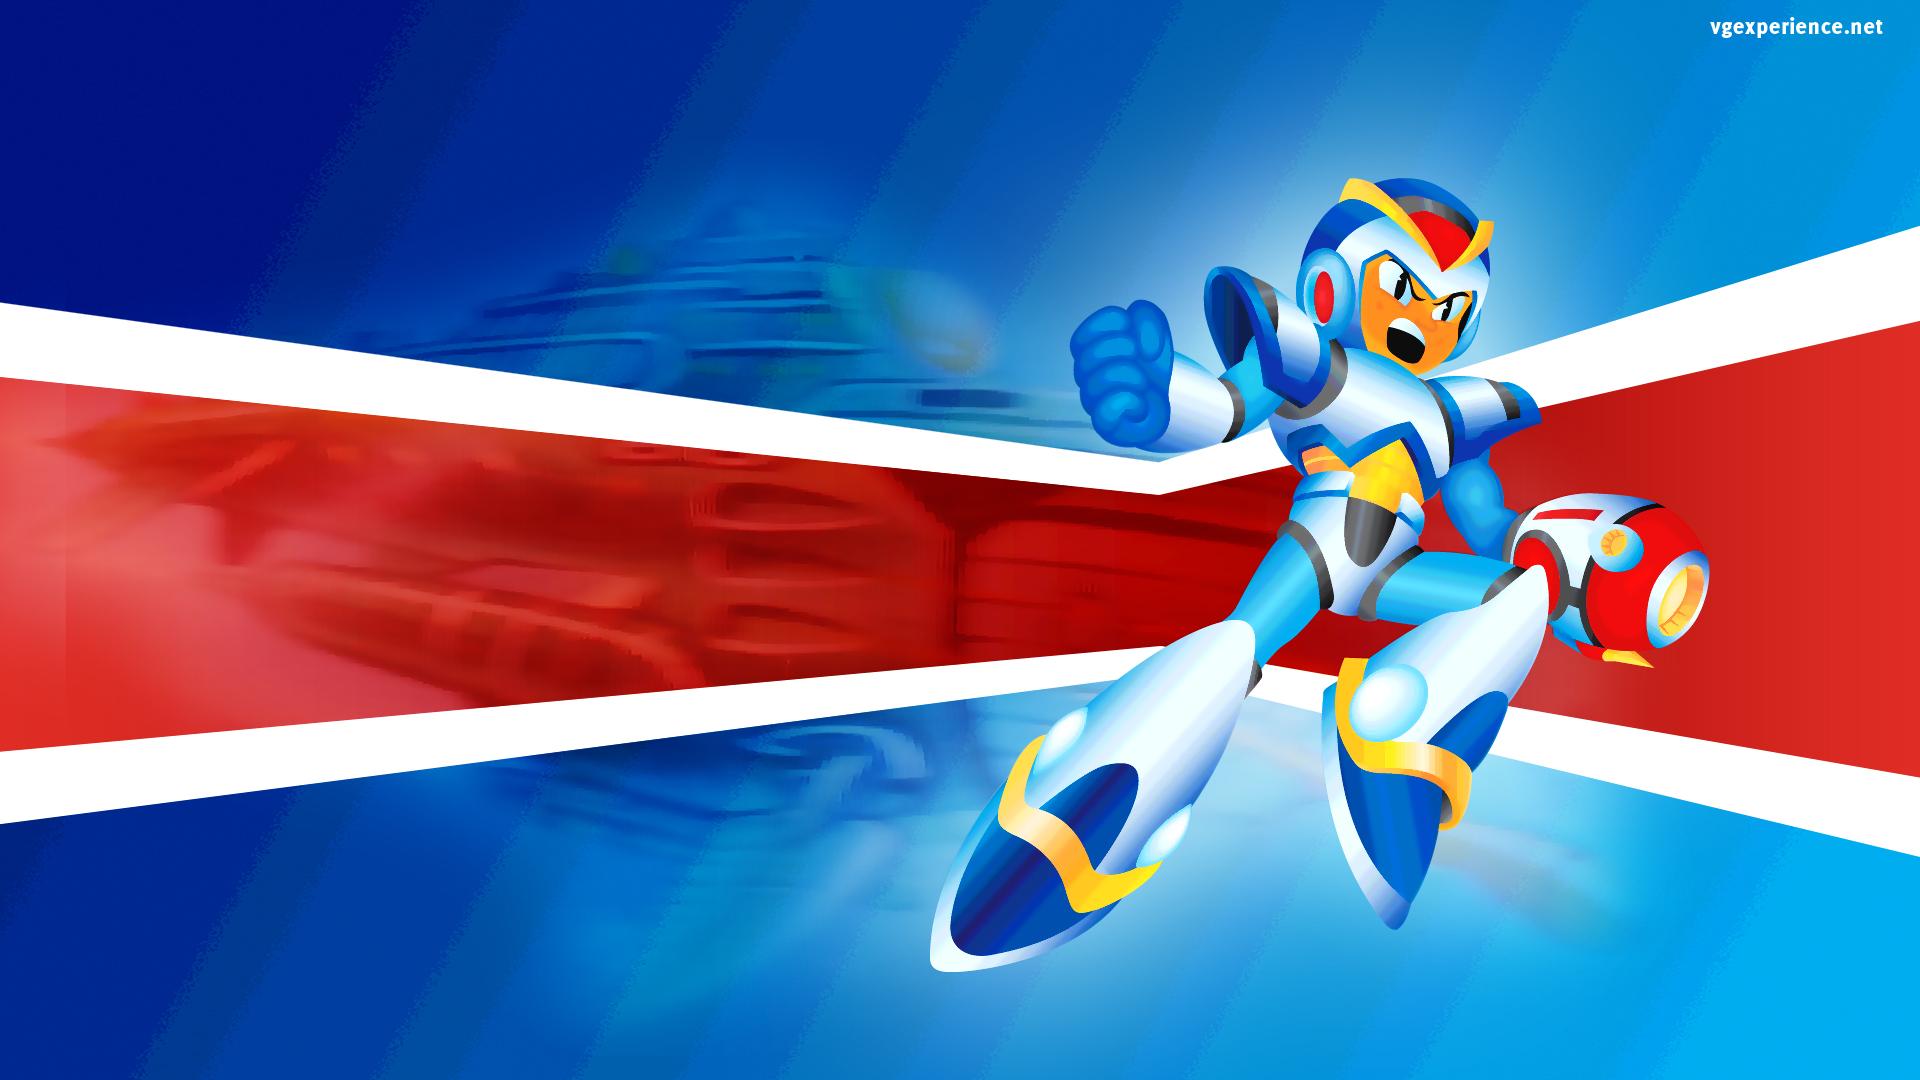 Video Game Mega Man X Wallpaper Resolution 1920x1080 Id 755280 Wallha Com